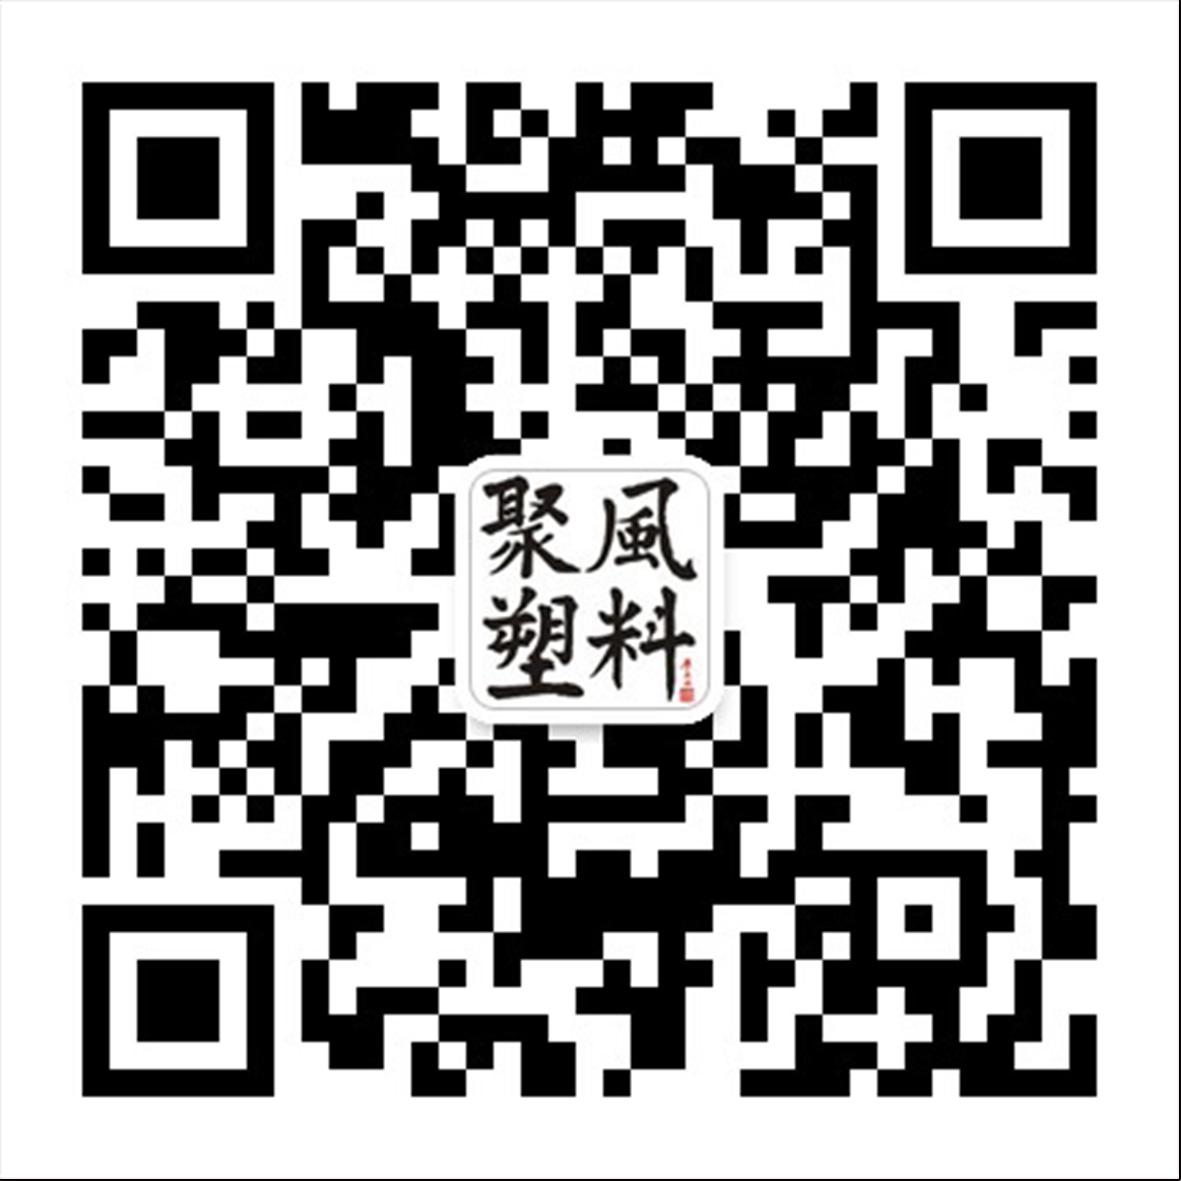 米乐下载地址公众微信号